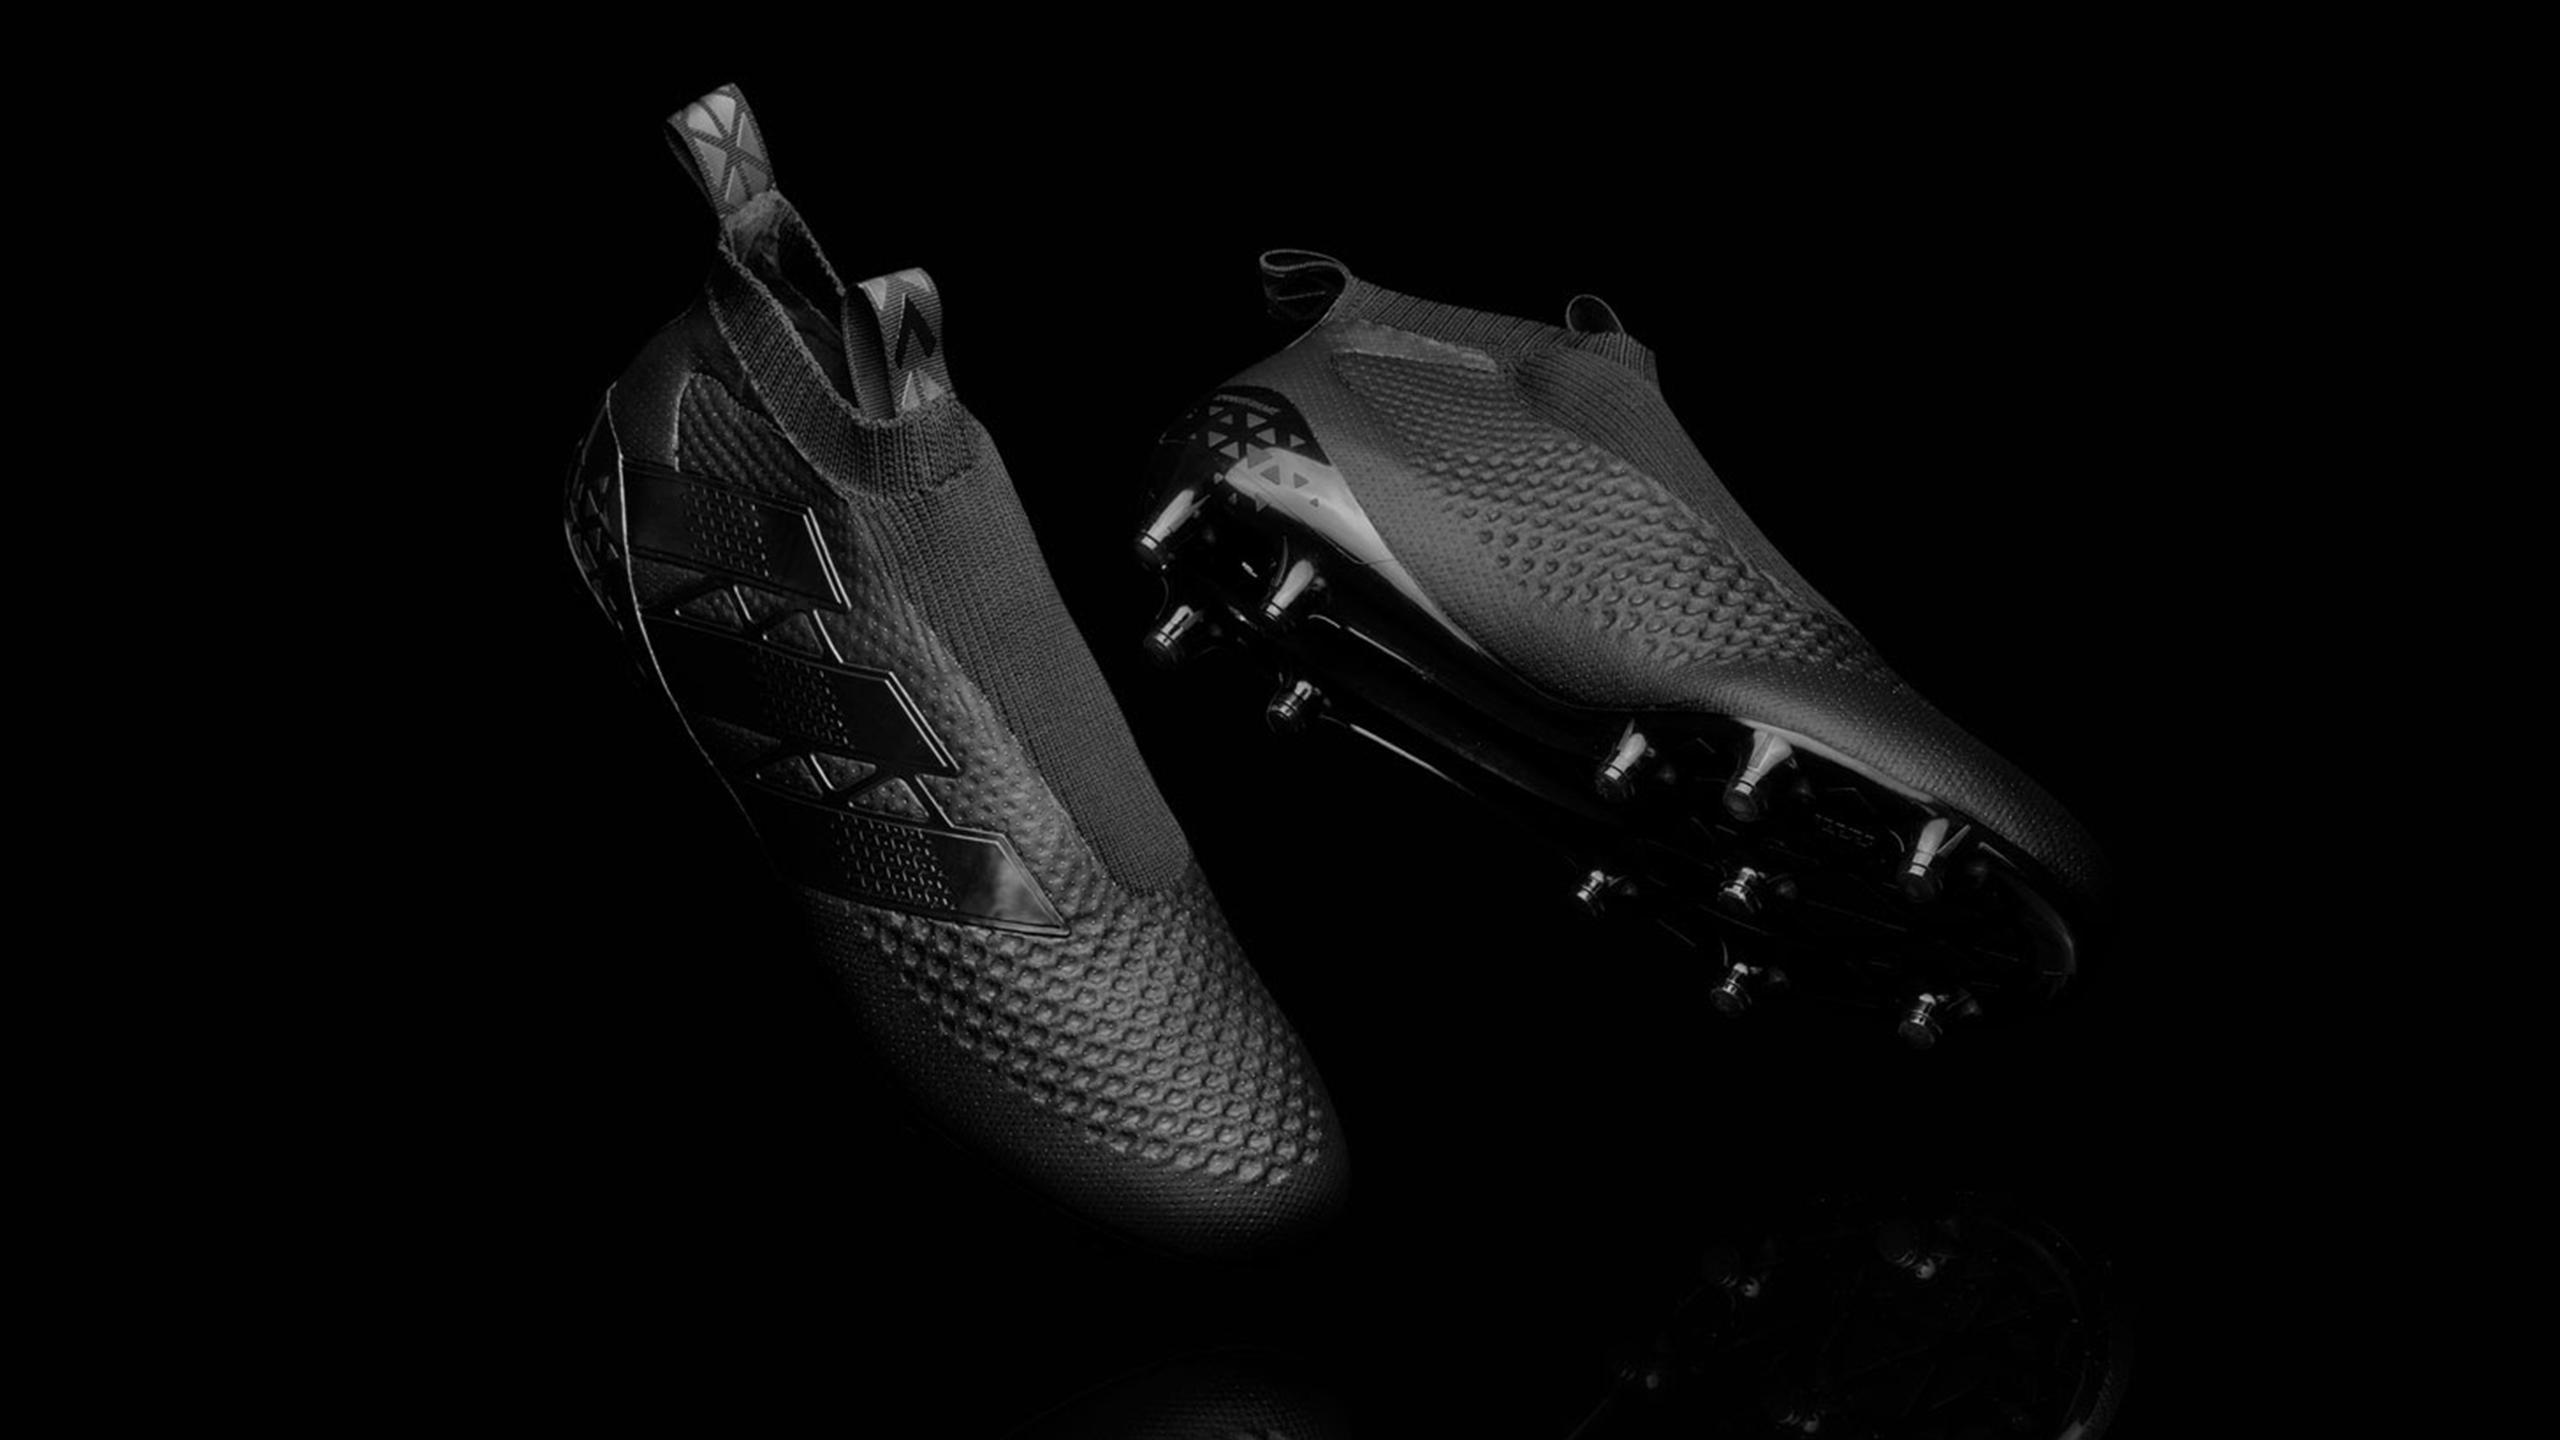 Lance Une Chaussure Sans Eurosport Adidas LacetsEconomie De Foot eYEDHIW29